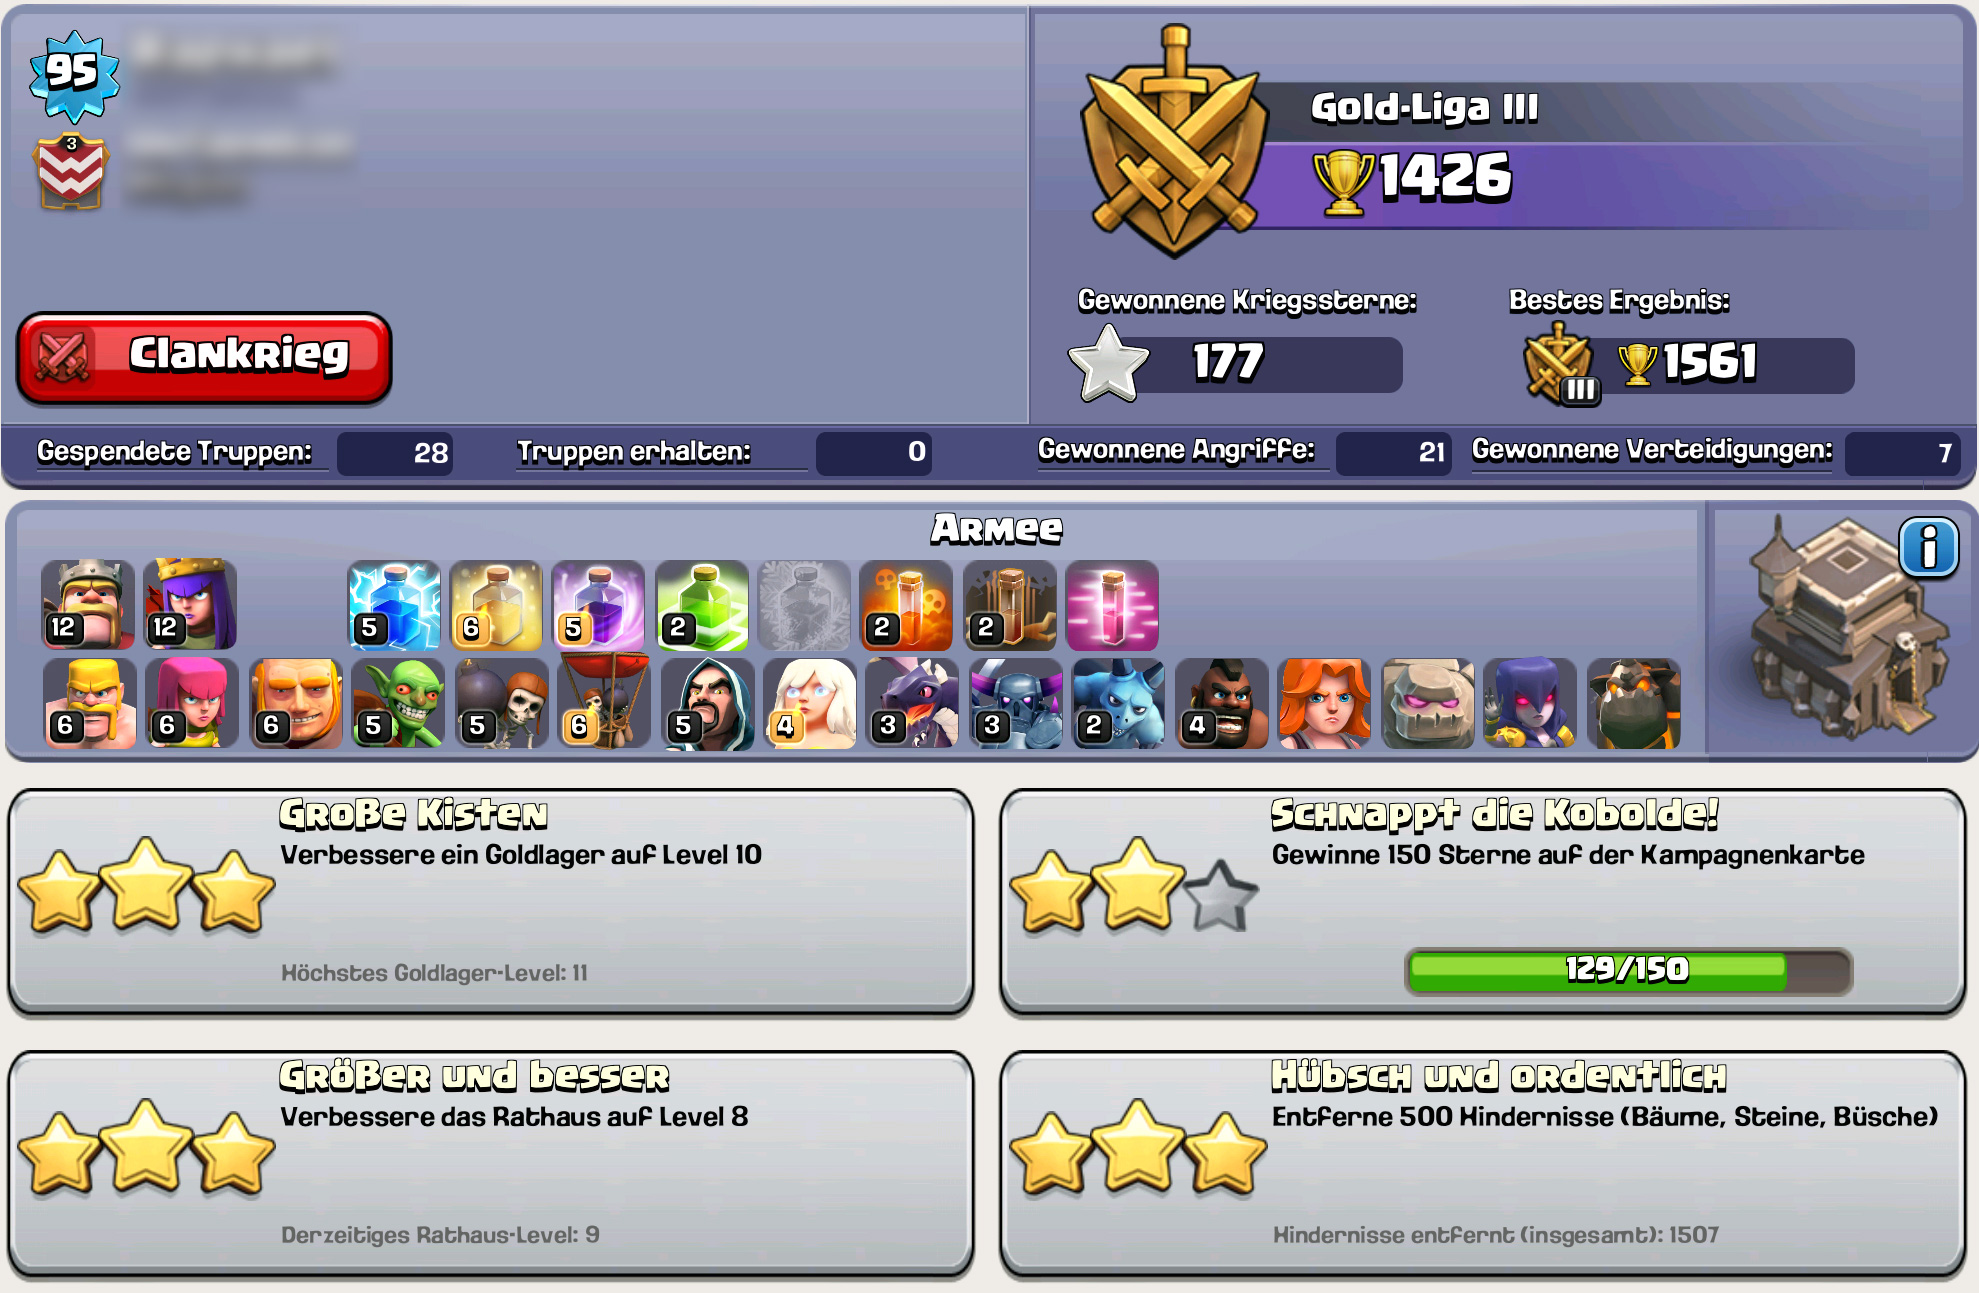 """Abbildung 2: Spielerprofil mit Übersicht über die akkumulierten Erfolge (Screenshot aus """"Clash of Clans"""" 2012)"""